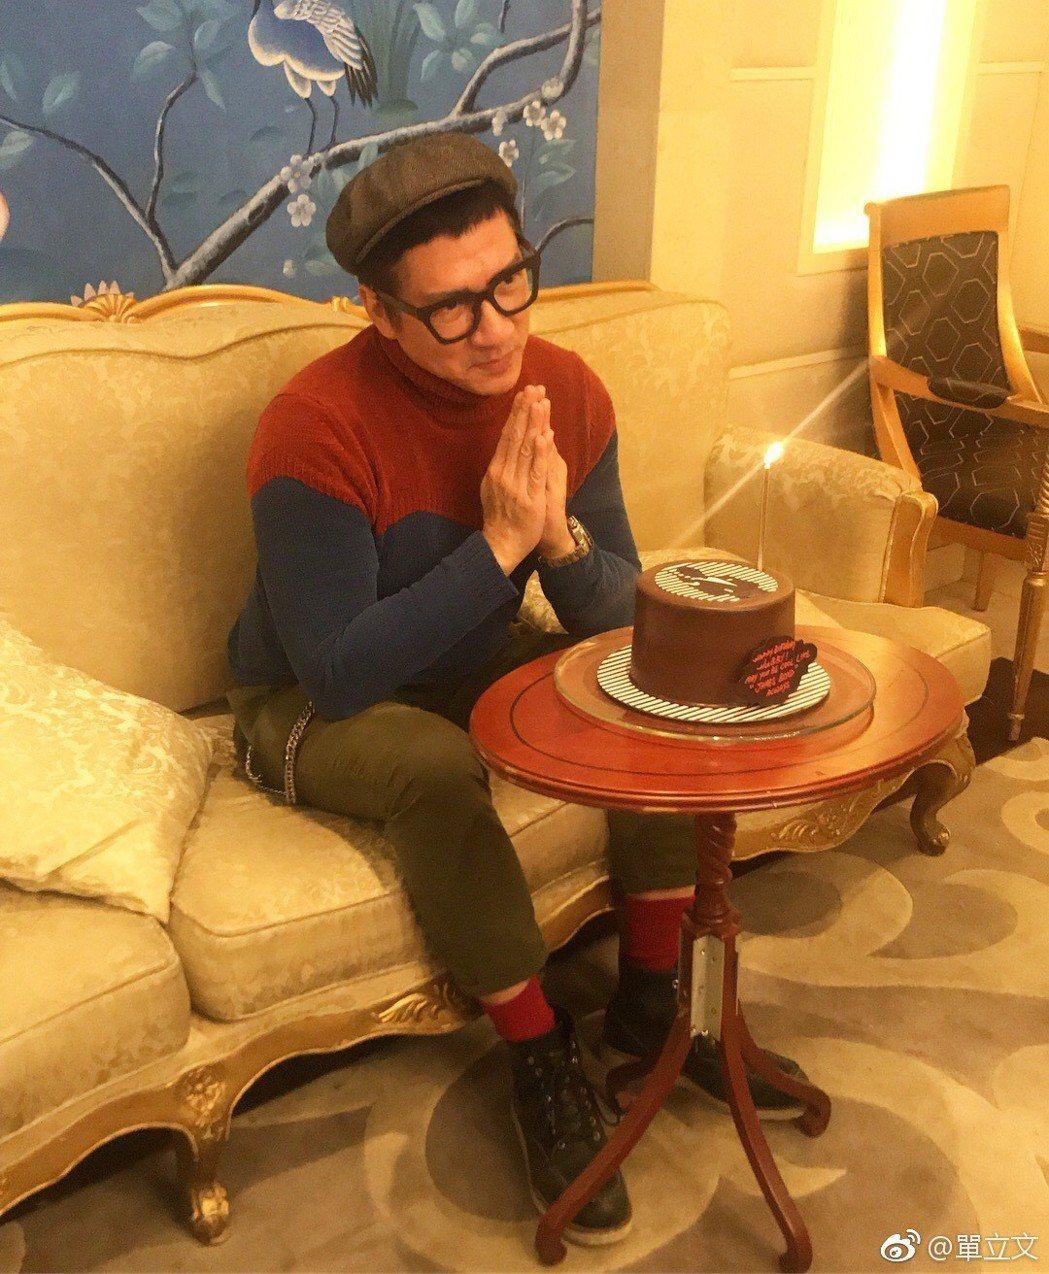 單立文切蛋糕邊賣萌。圖/摘自微博